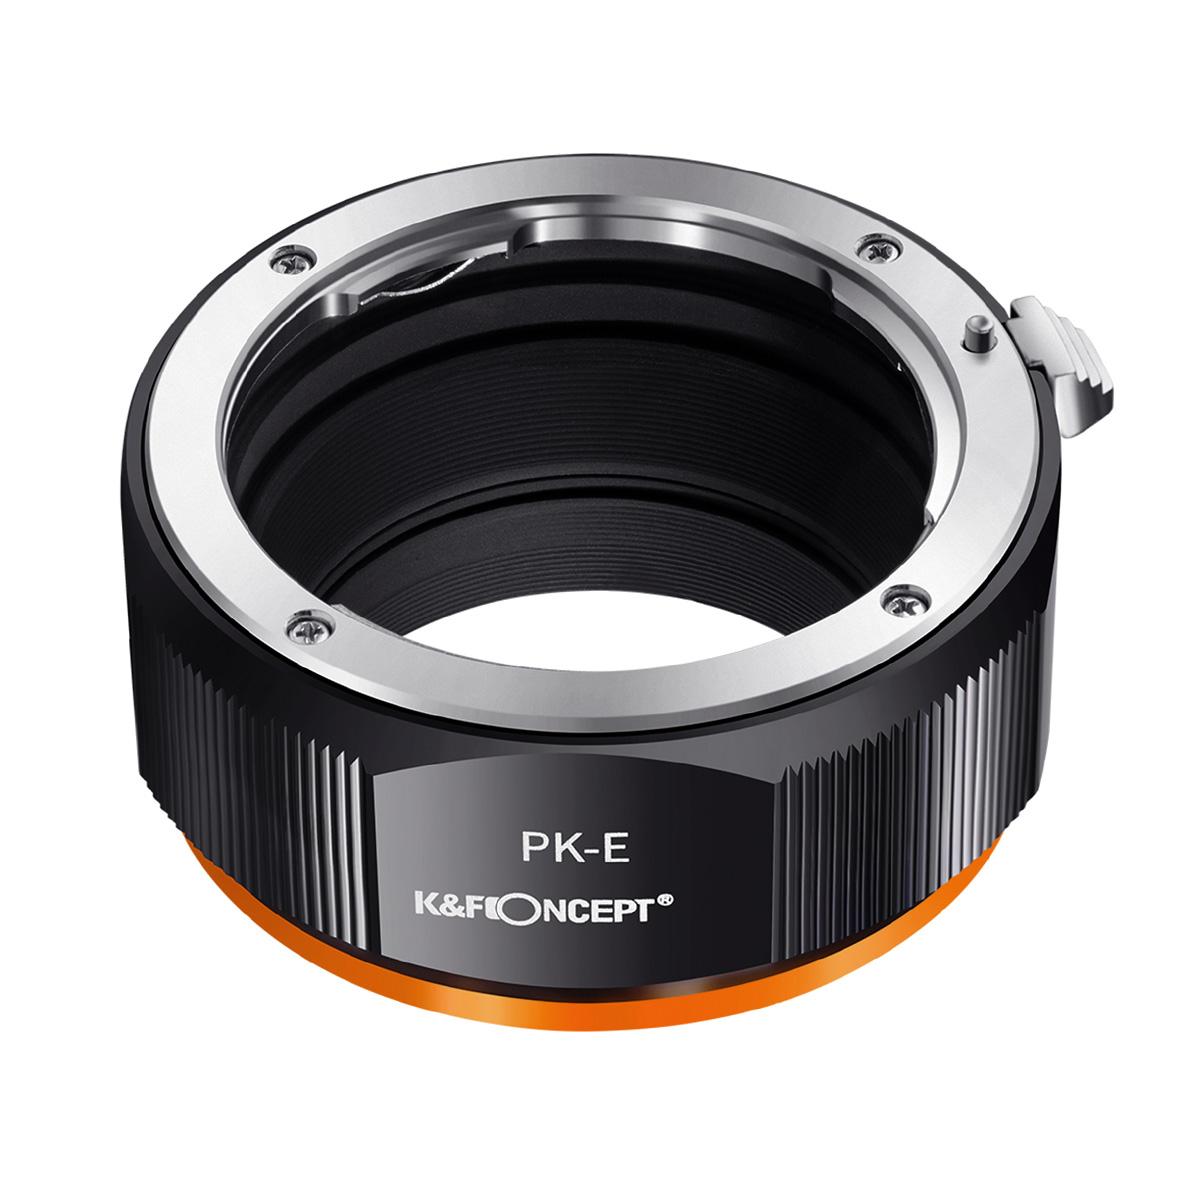 K&F Concept KF-PKE.P(ペンタックスKマウントレンズ → ソニーEマウント変換)レンズマウントアダプター